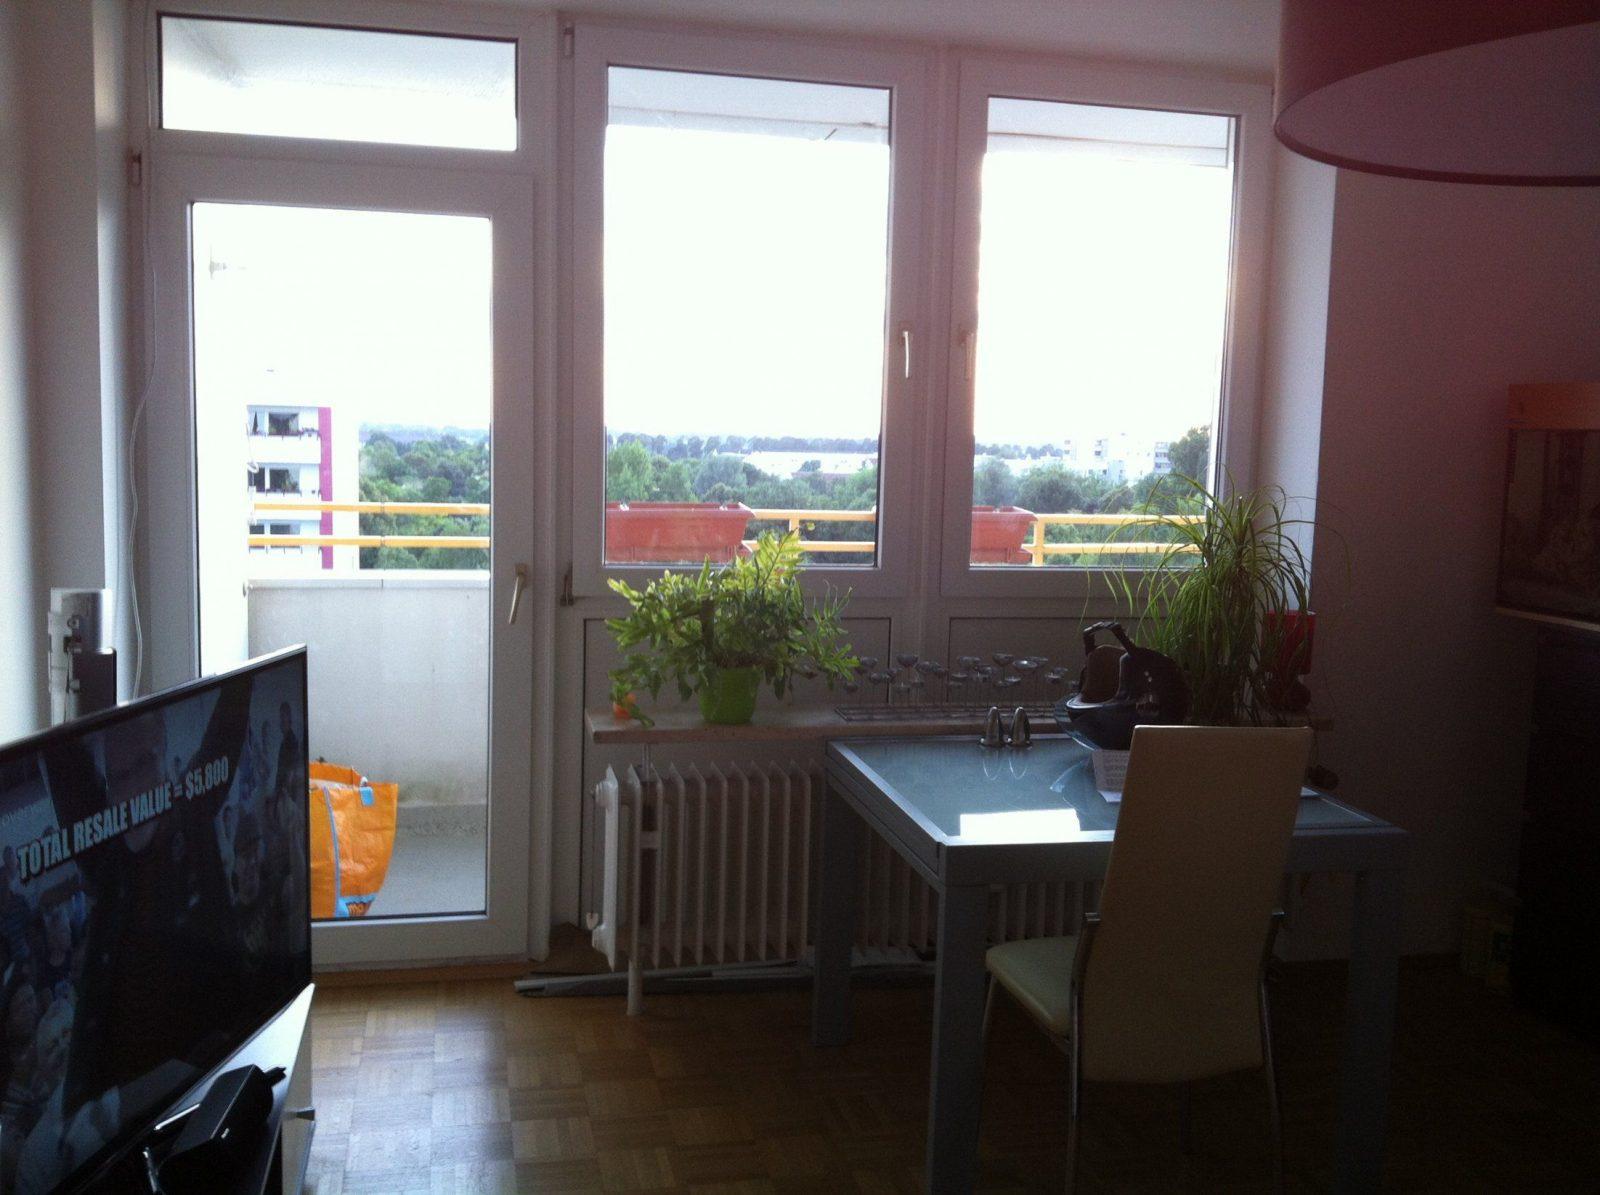 Wohnzimmer fenster great tulle vorhnge luxus bestickte - Gardinen balkontur und fenster modern ...